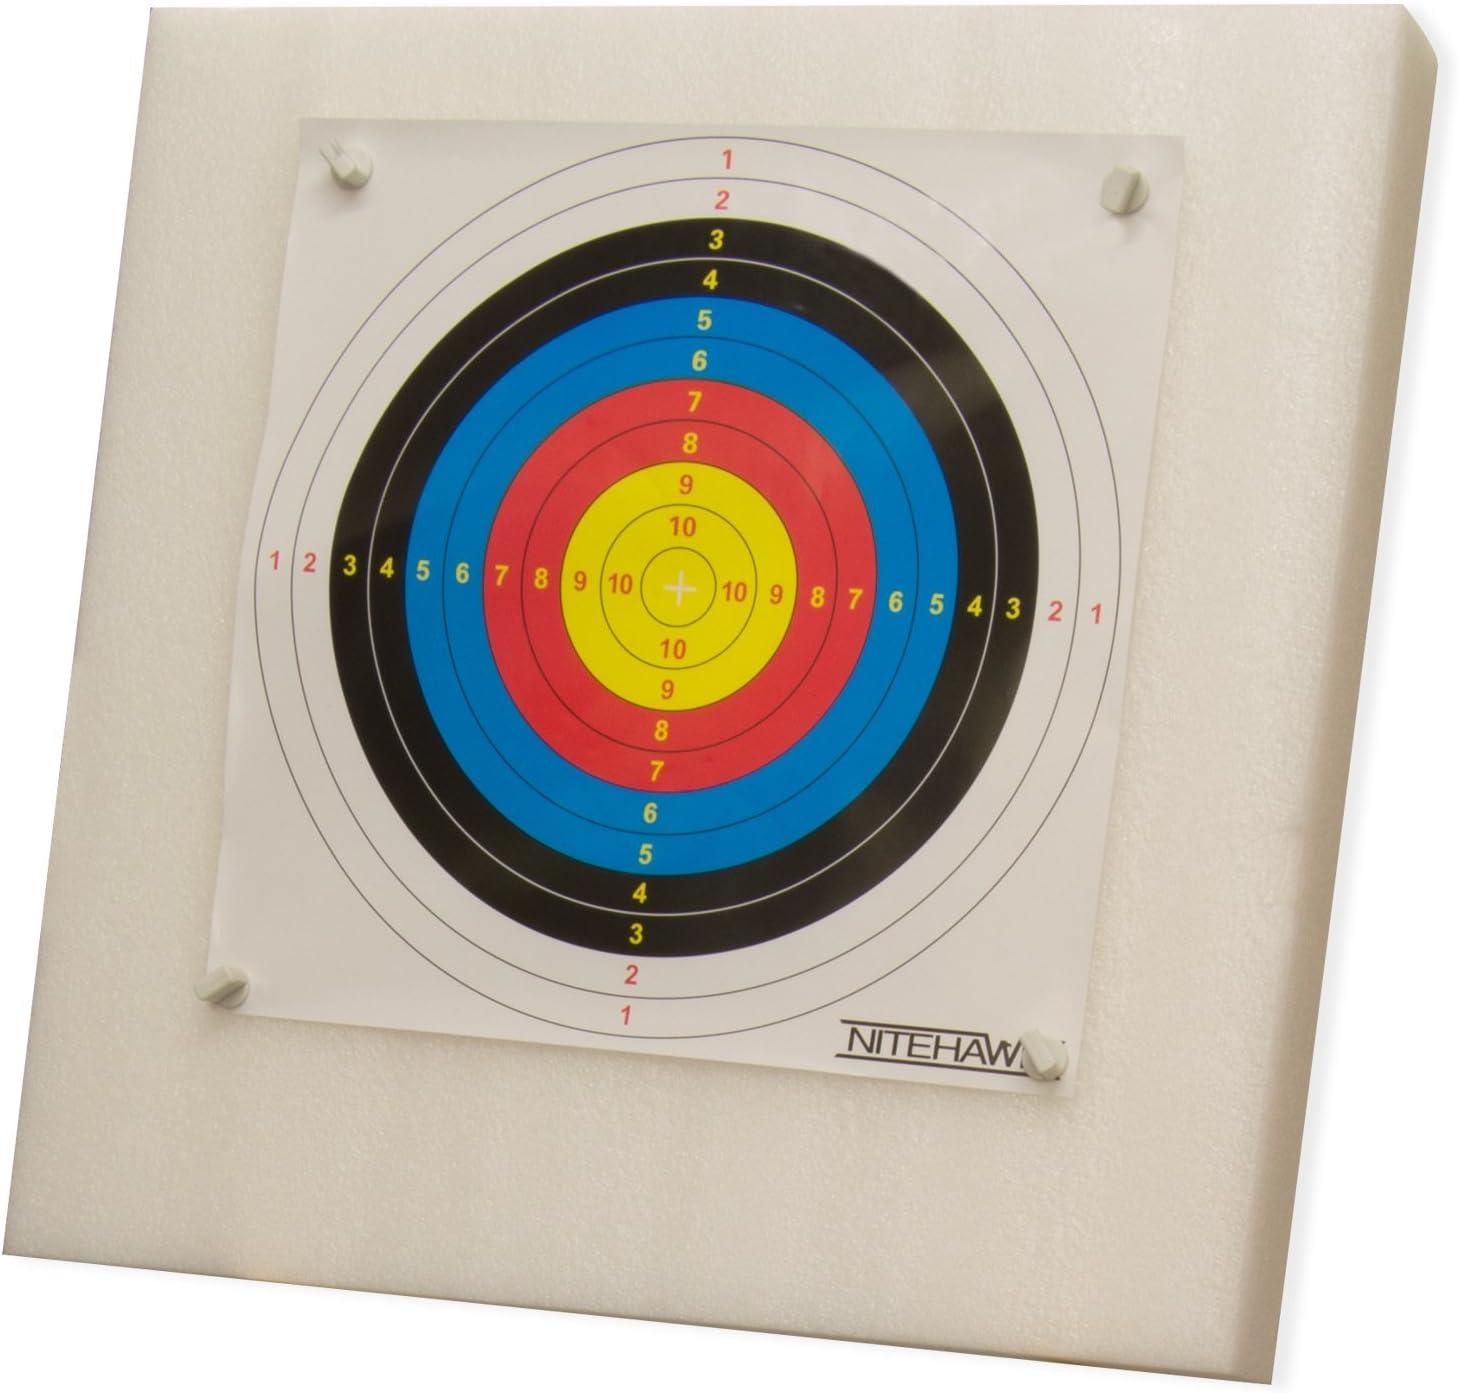 20 Paper Faces Nitehawk 60x60cm Archery Self Healing Foam Target Board